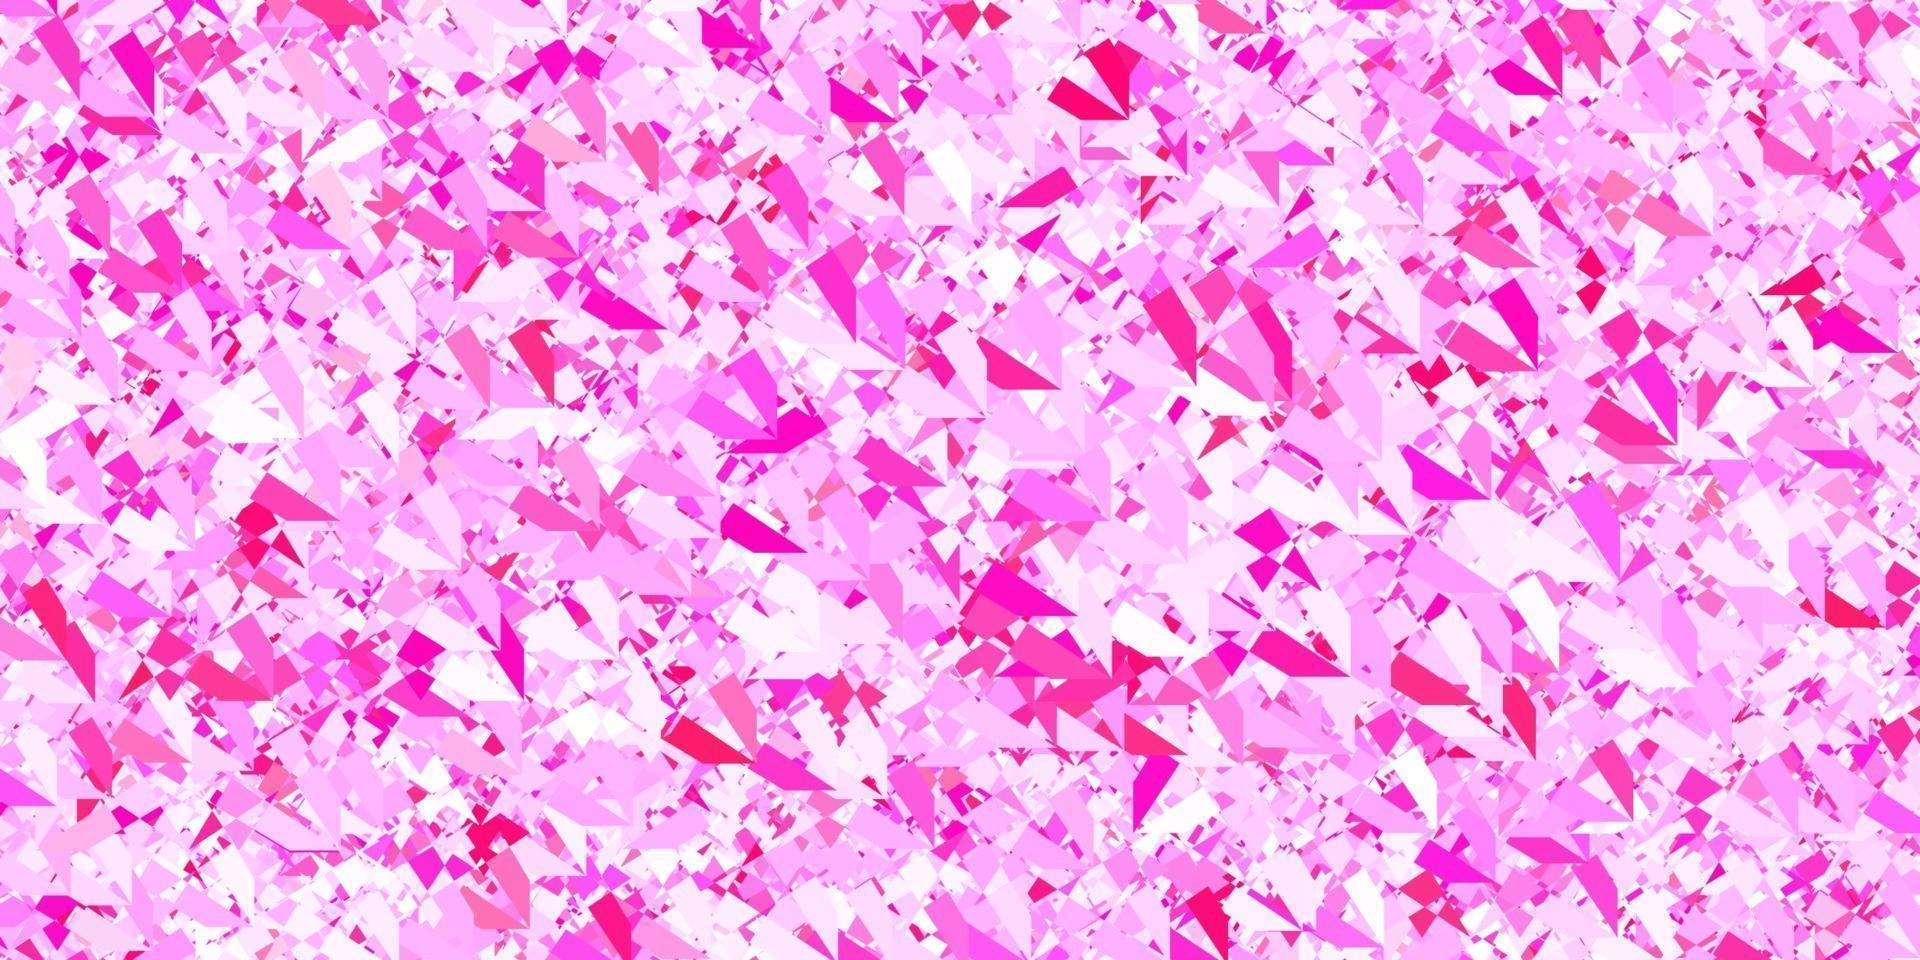 sfondo vettoriale rosa scuro con triangoli, linee.